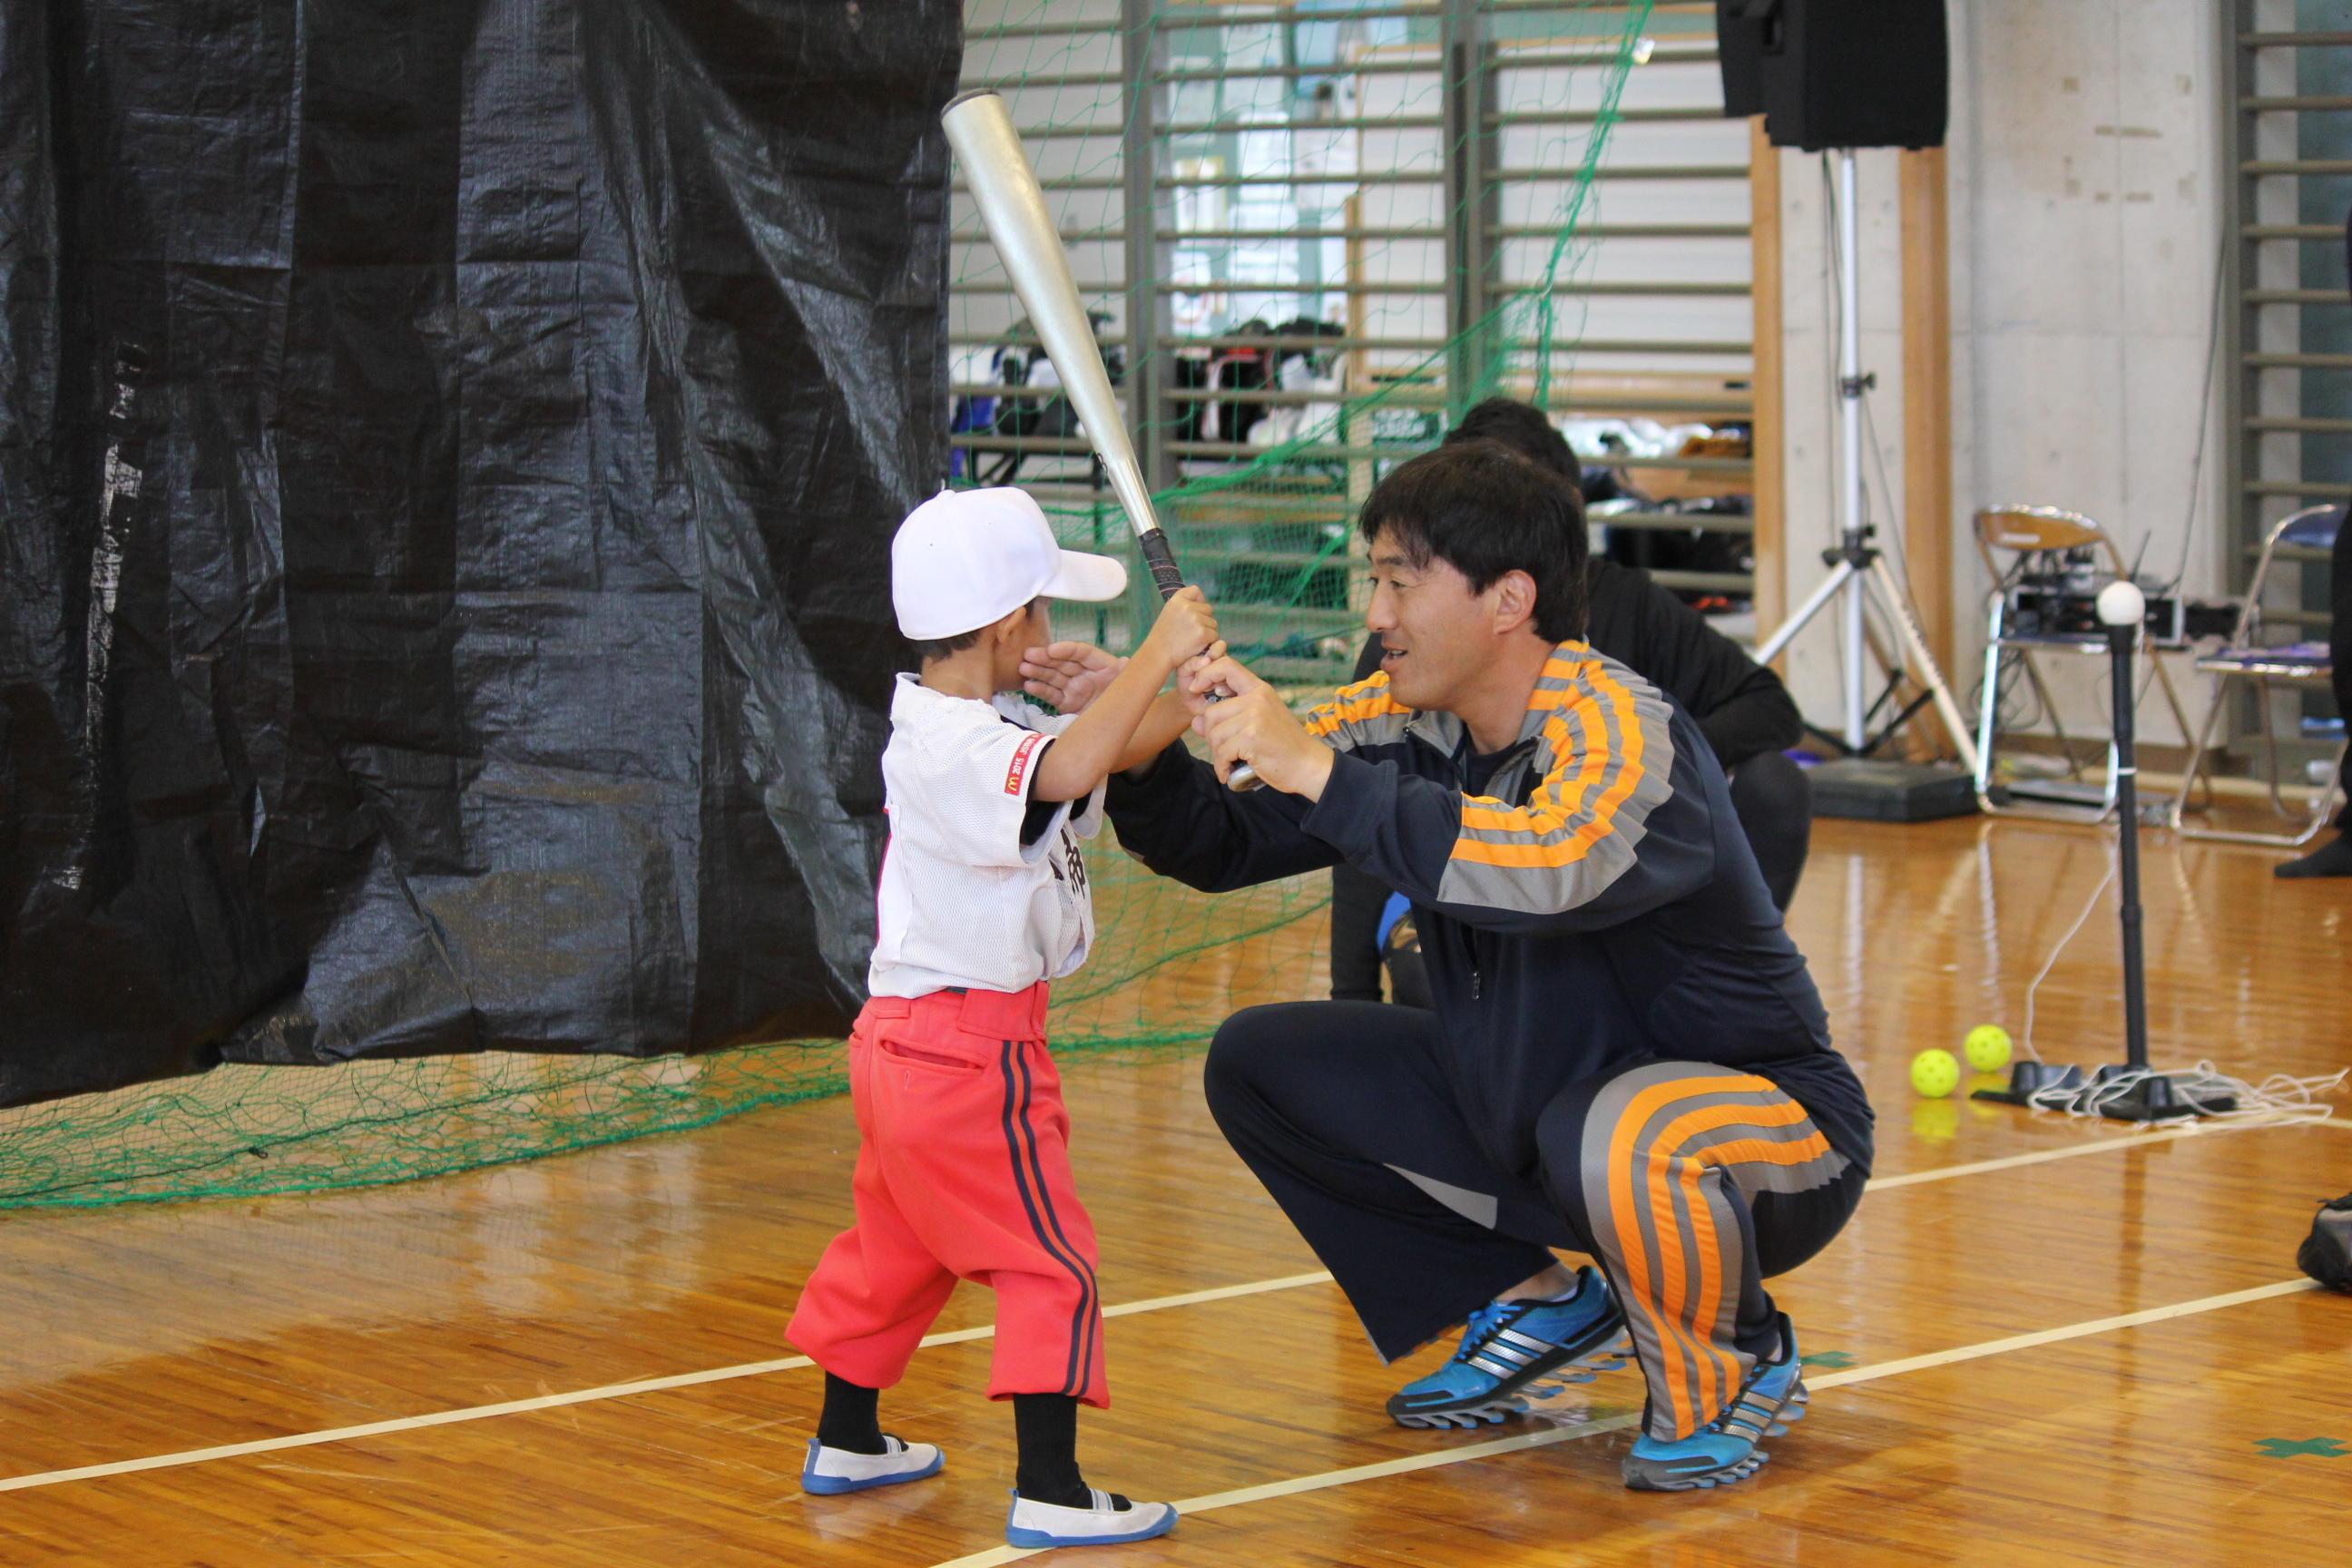 http://news.yoshimoto.co.jp/20170314192401-4bf087296deab9406d24a7b342a35fb3070d49c1.jpg